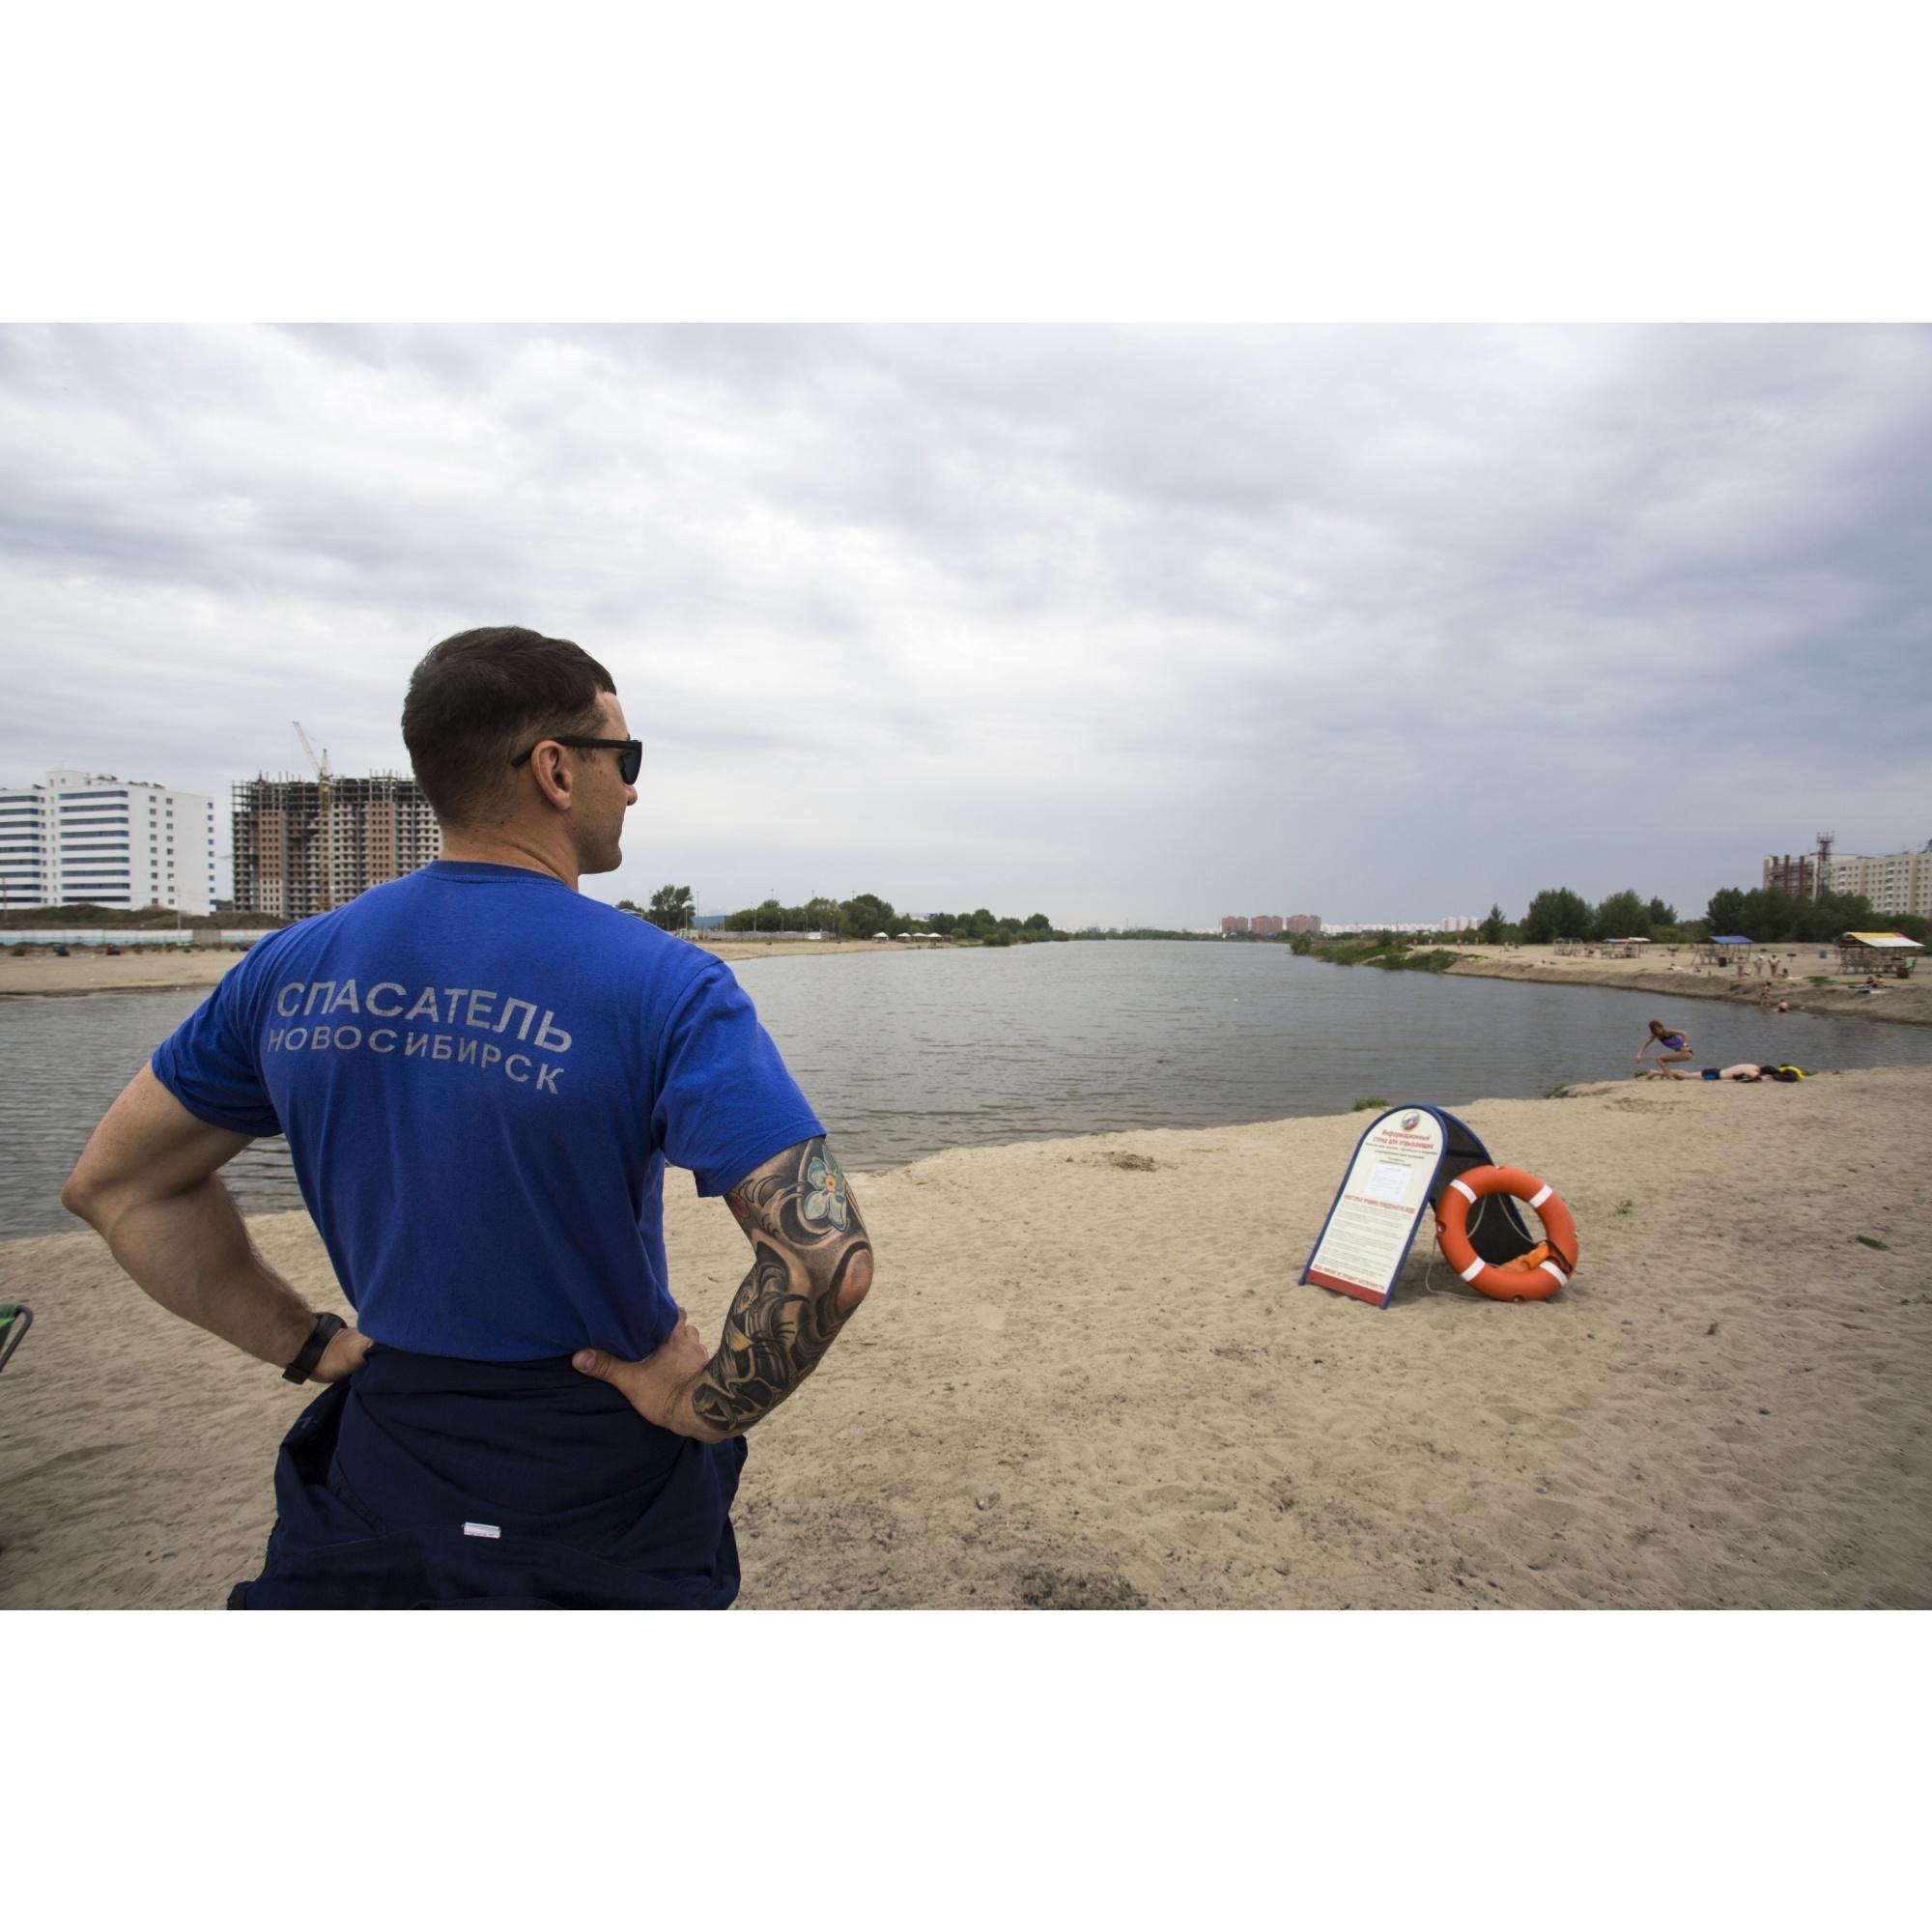 Сами спасатели накладывать штрафы не могут. Шилов отмечает, что в этом могли бы участвовать сотрудники администрации или инспектора ГИМС